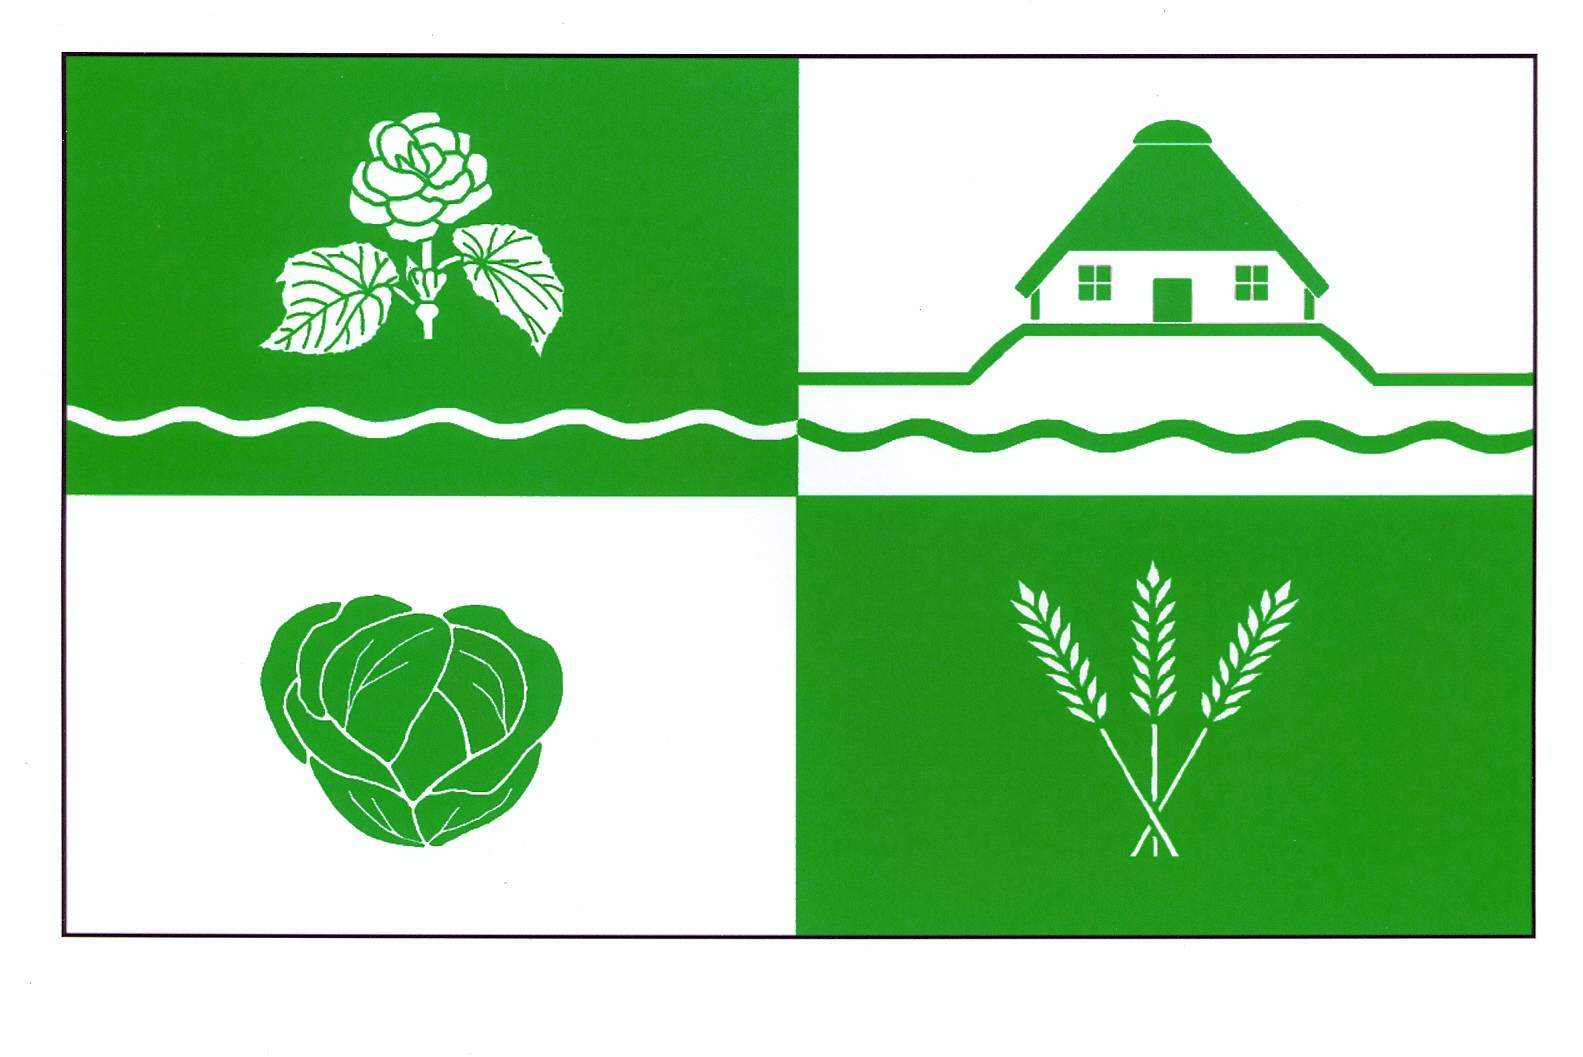 Flagge GemeindeSchülp, Kreis Dithmarschen